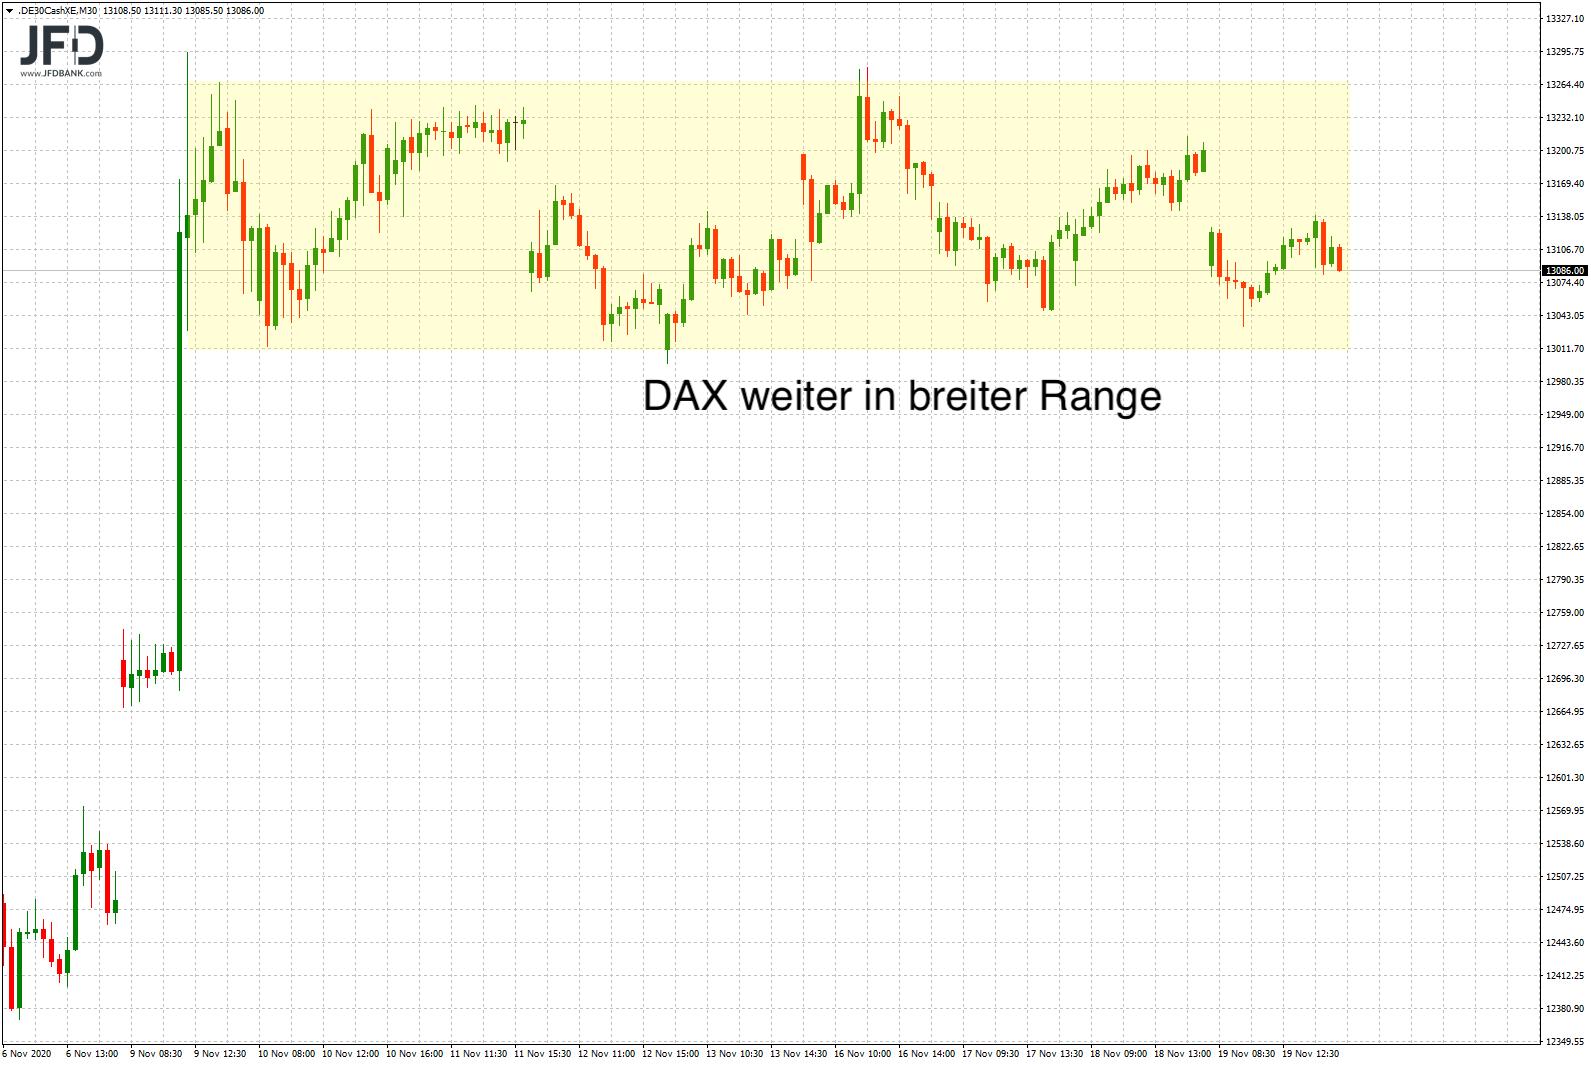 Gleiche-Voraussetzungen-um-DAX-wie-gestern-Kommentar-JFD-Bank-GodmodeTrader.de-3